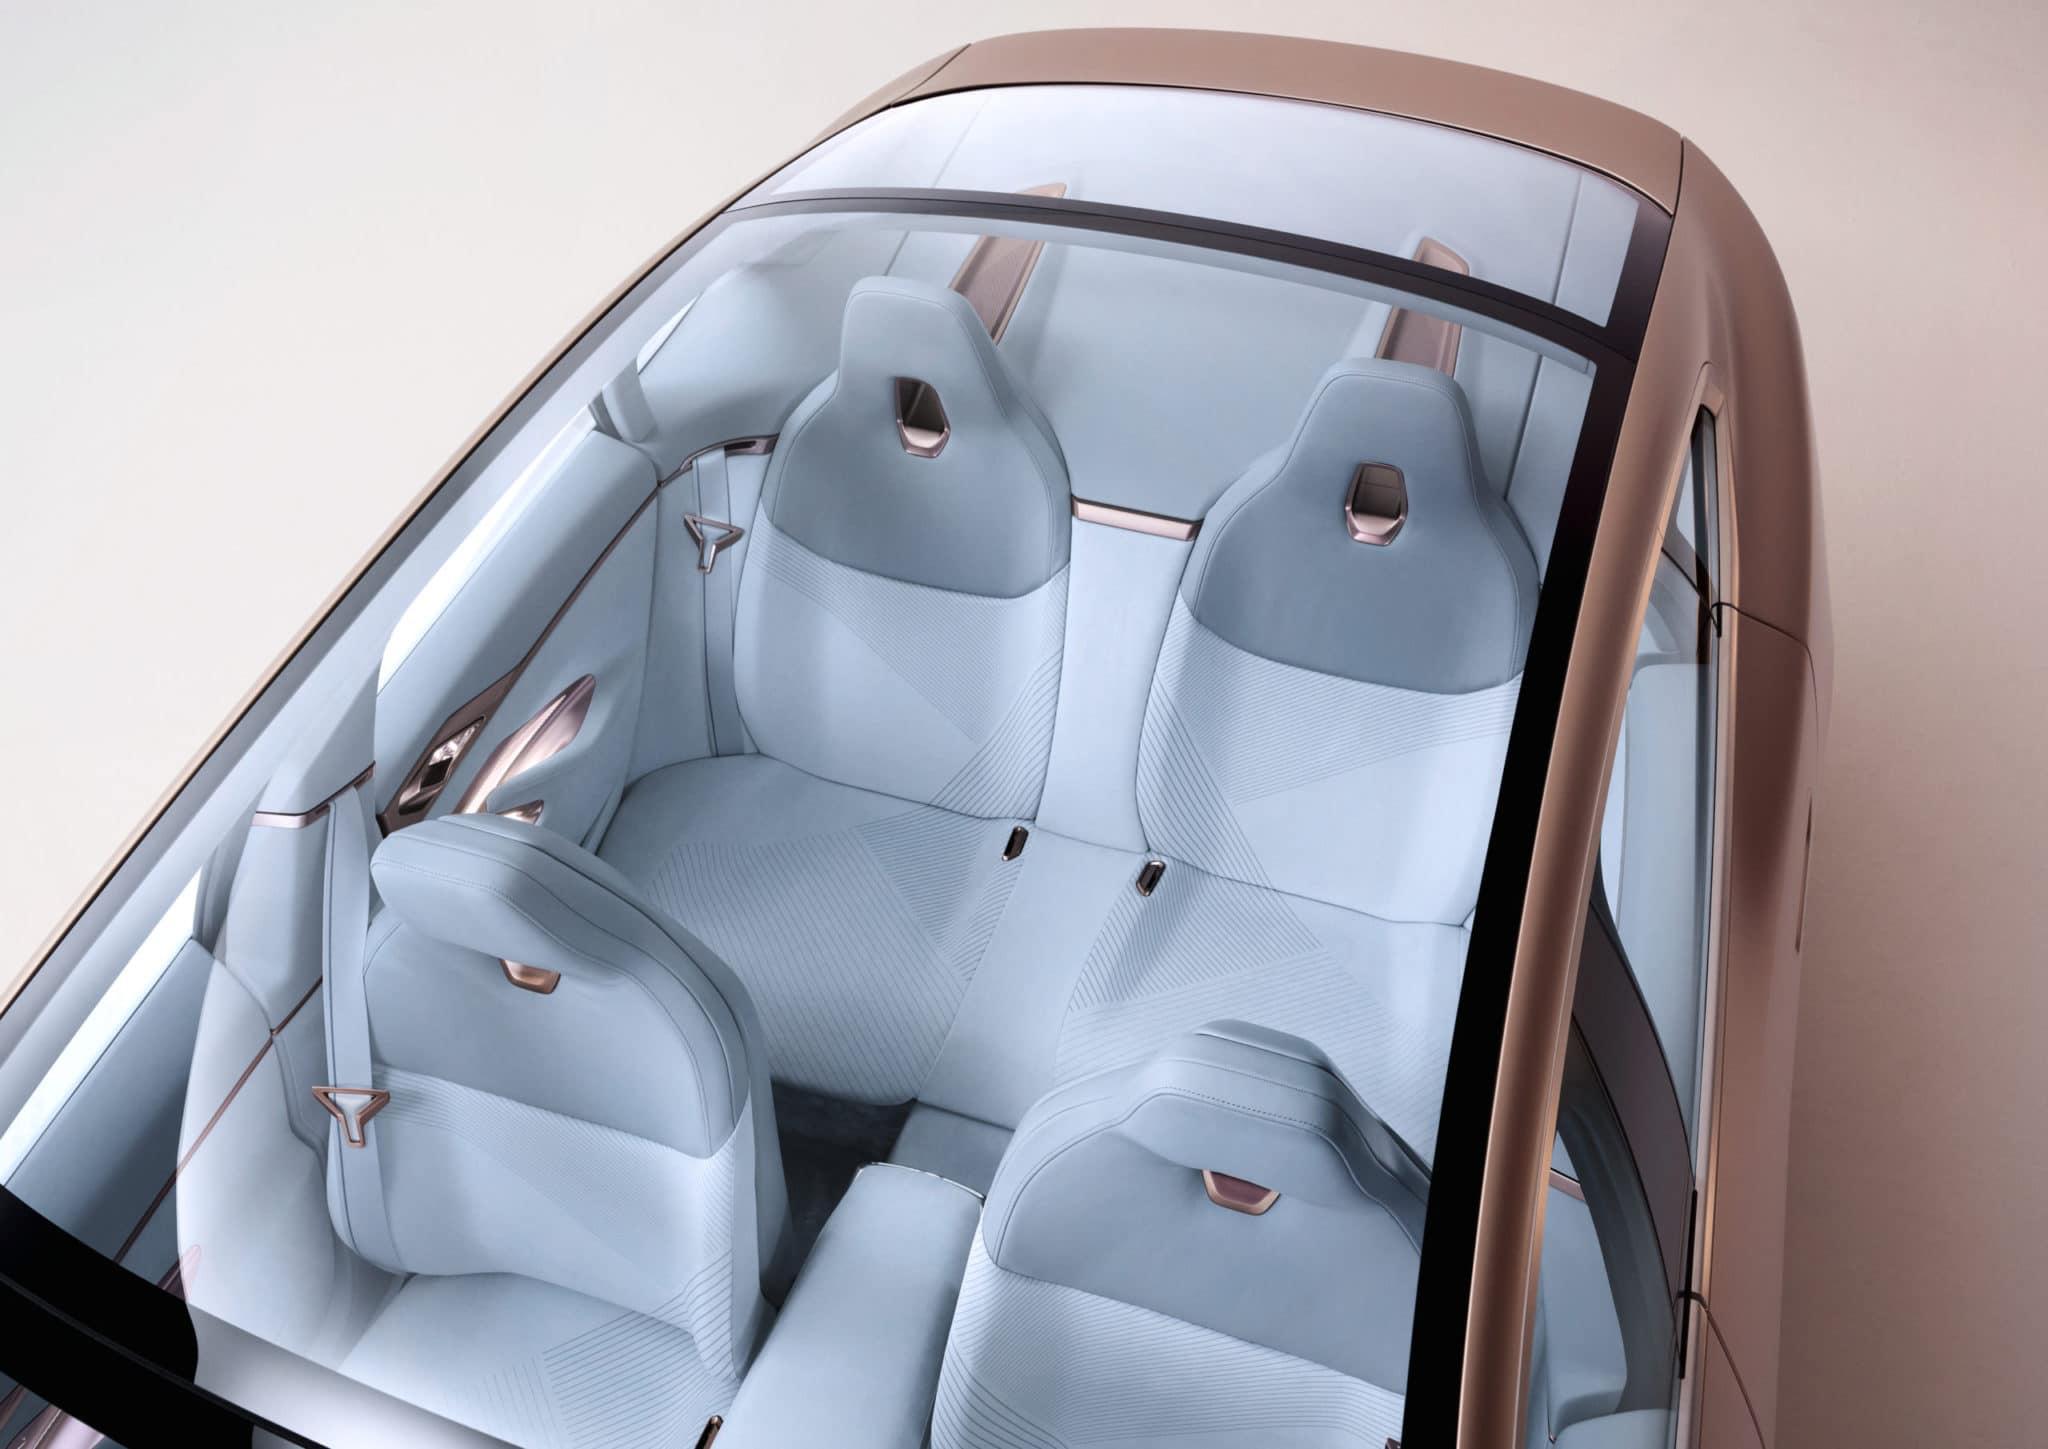 2021 BMW i4 Interior Seat Concept Design